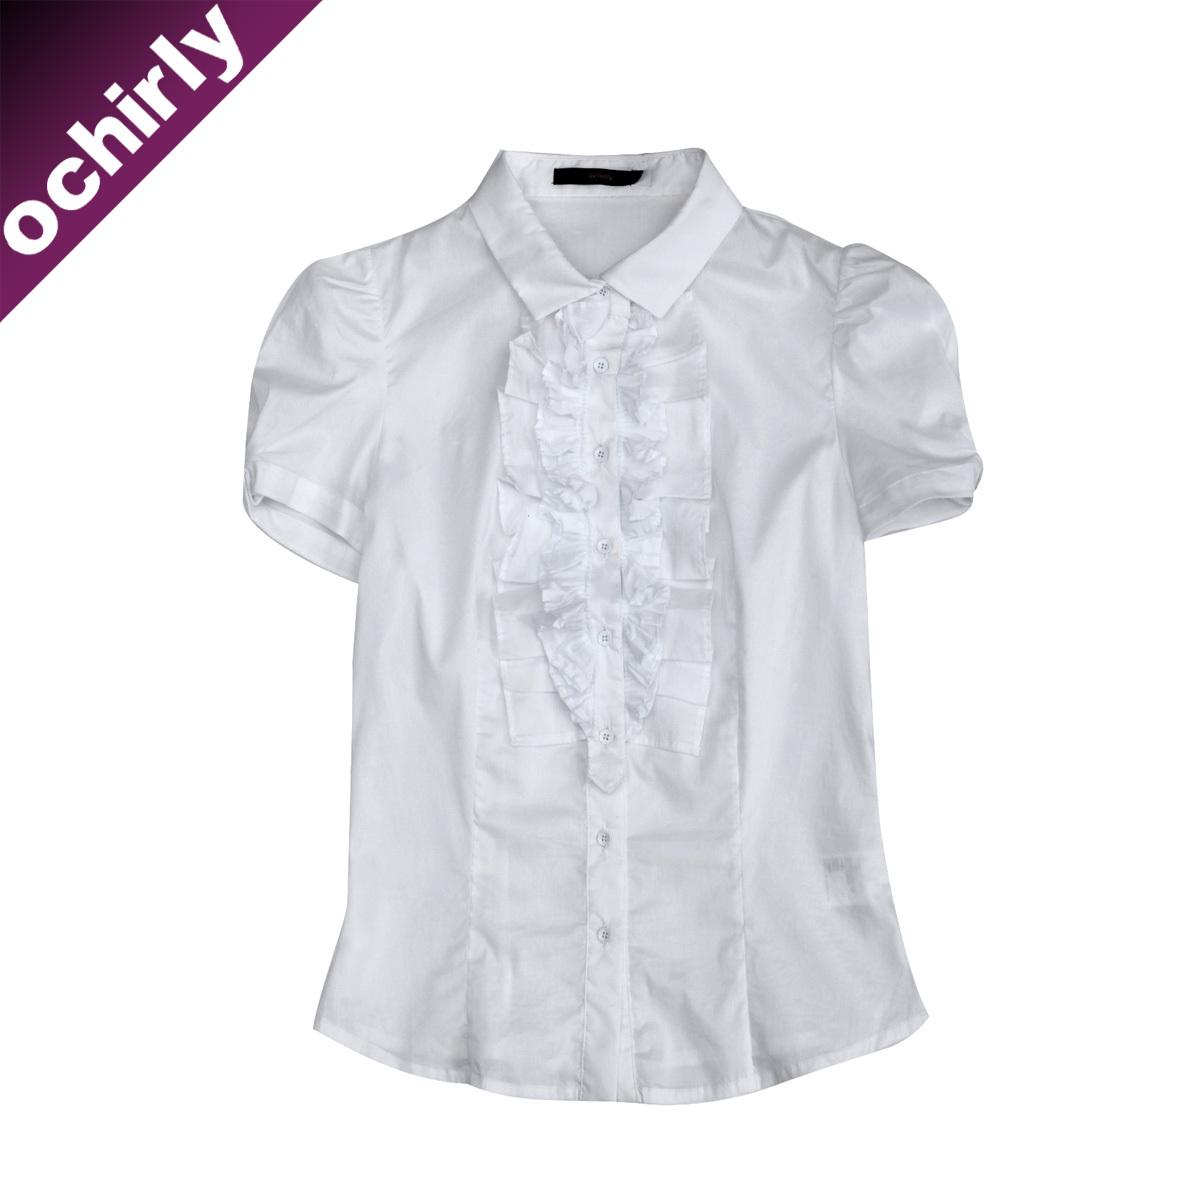 женская рубашка Ochirly 1103010920000 Повседневный Короткий рукав Однотонный цвет Оборка